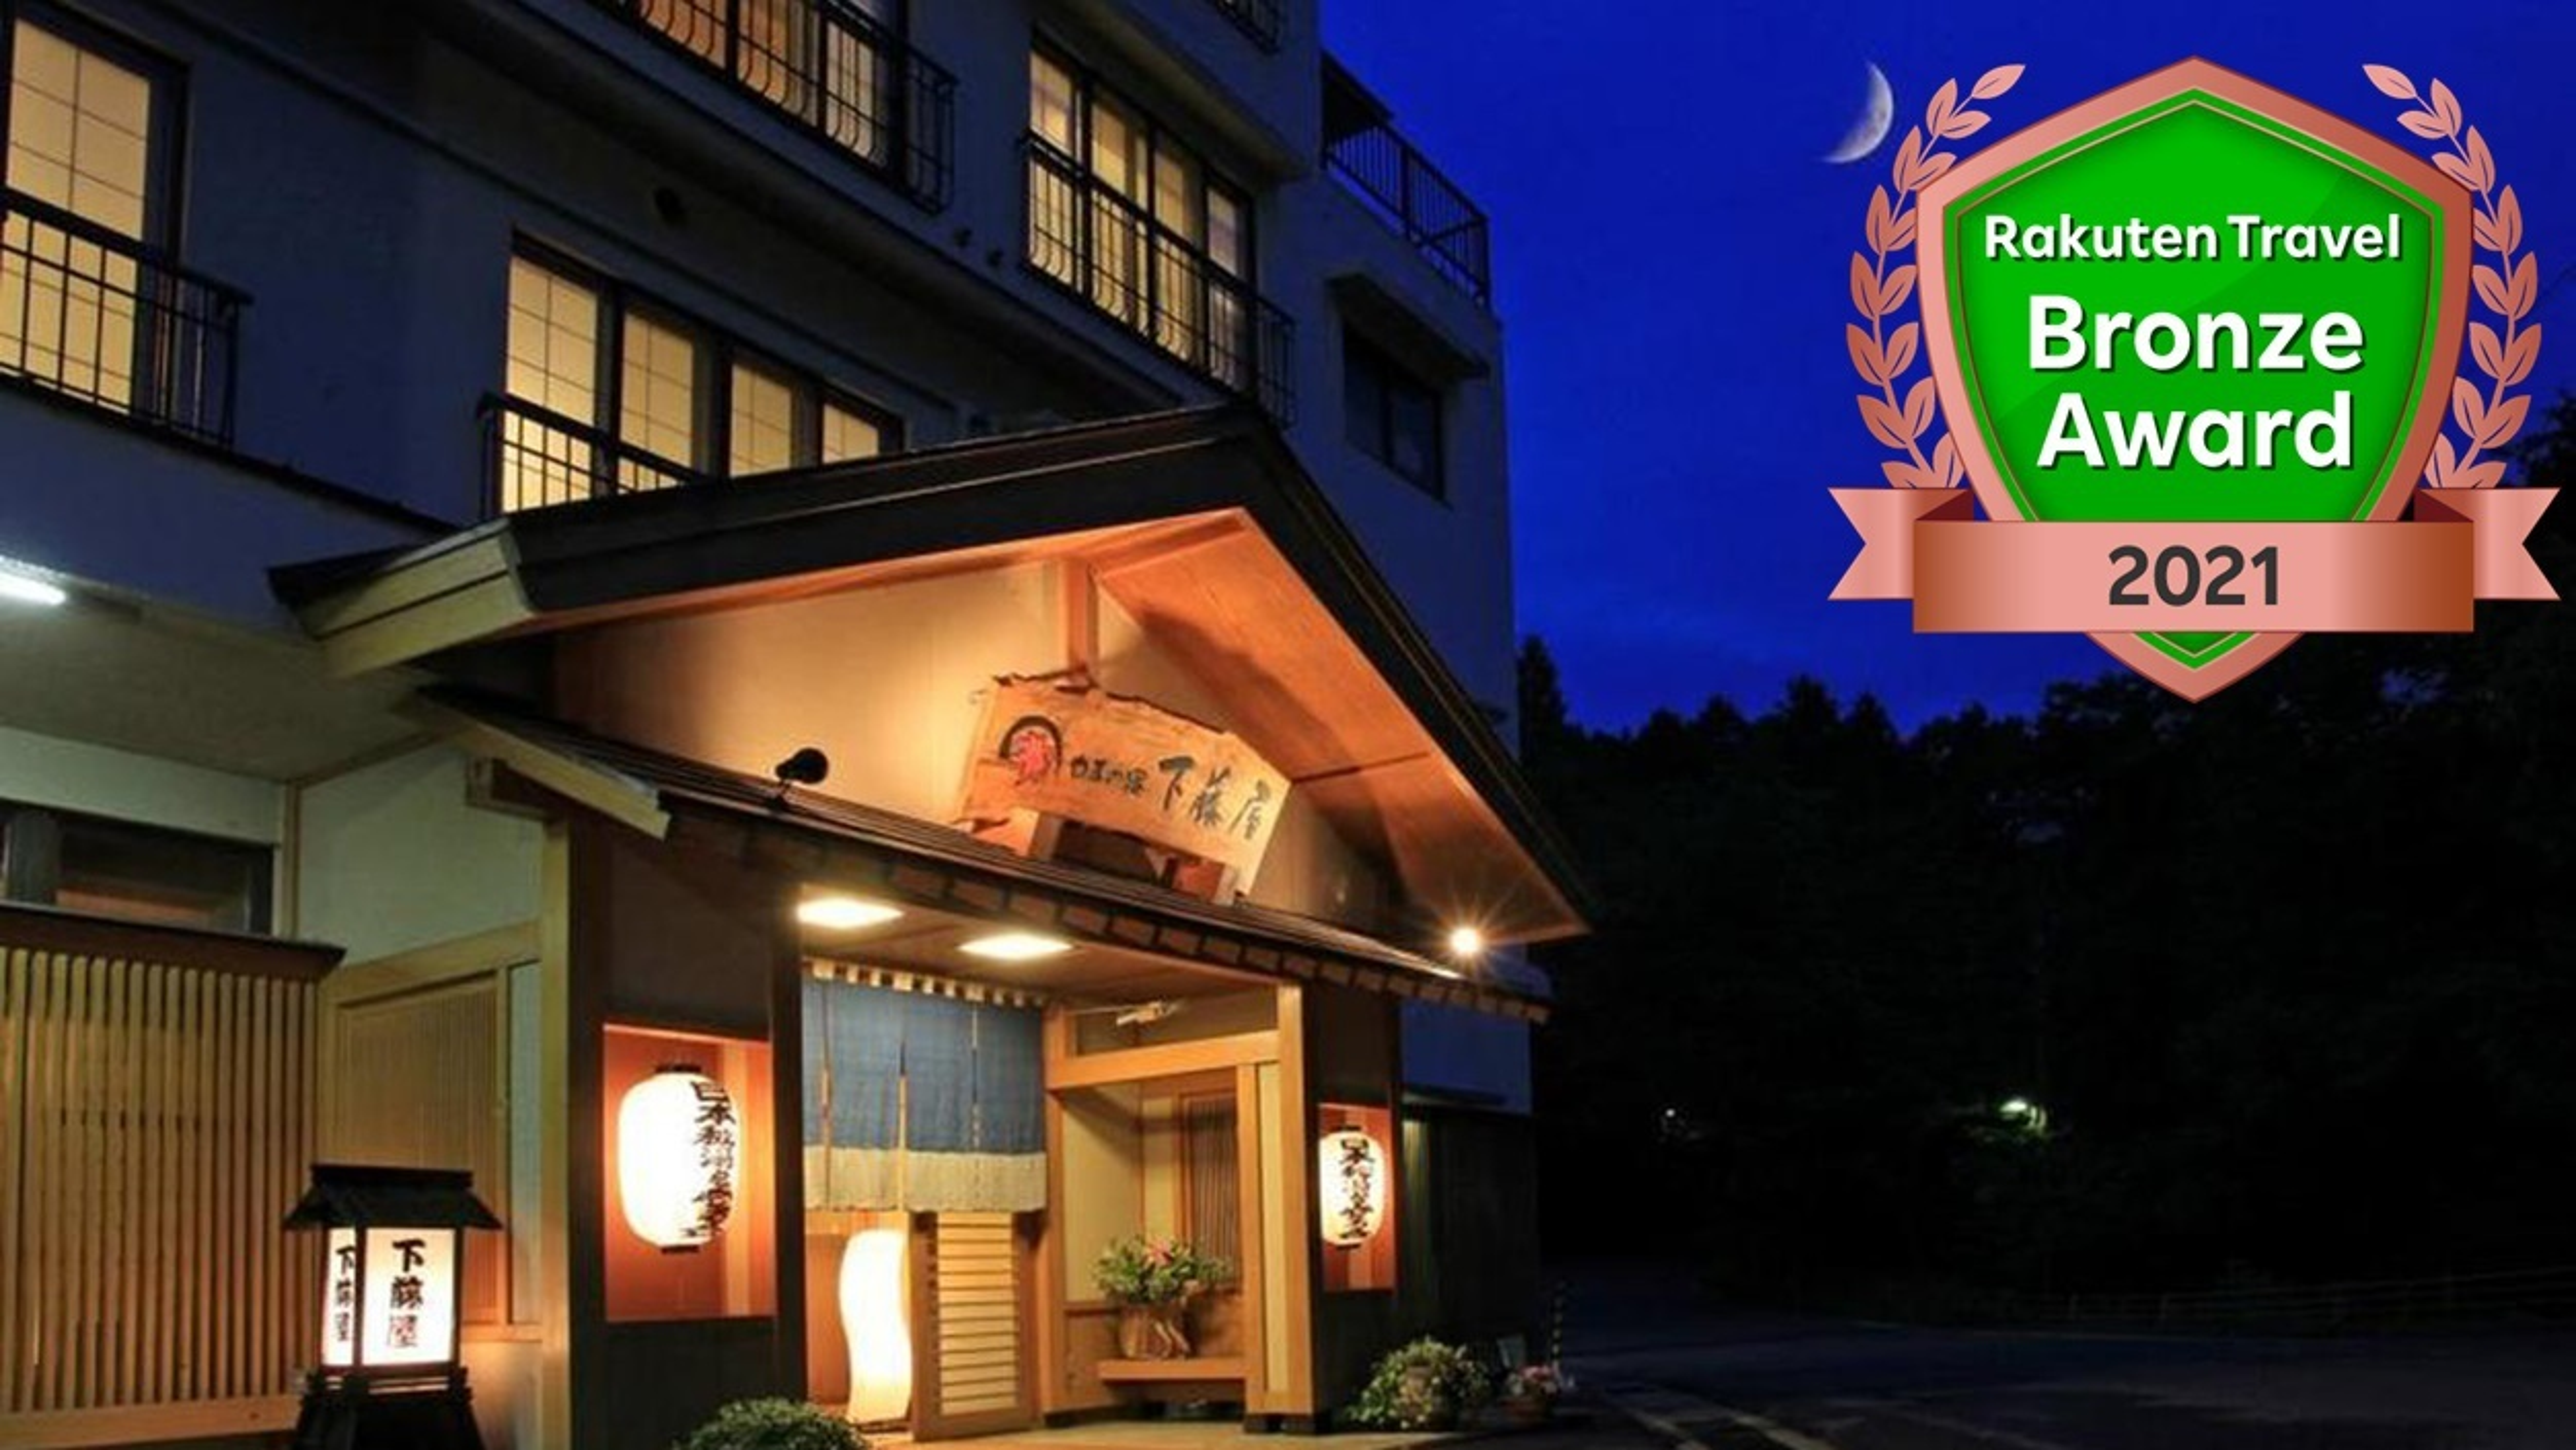 塩原温泉で地元食材が満喫できる、平日利用可能な温泉ホテルが知りたい